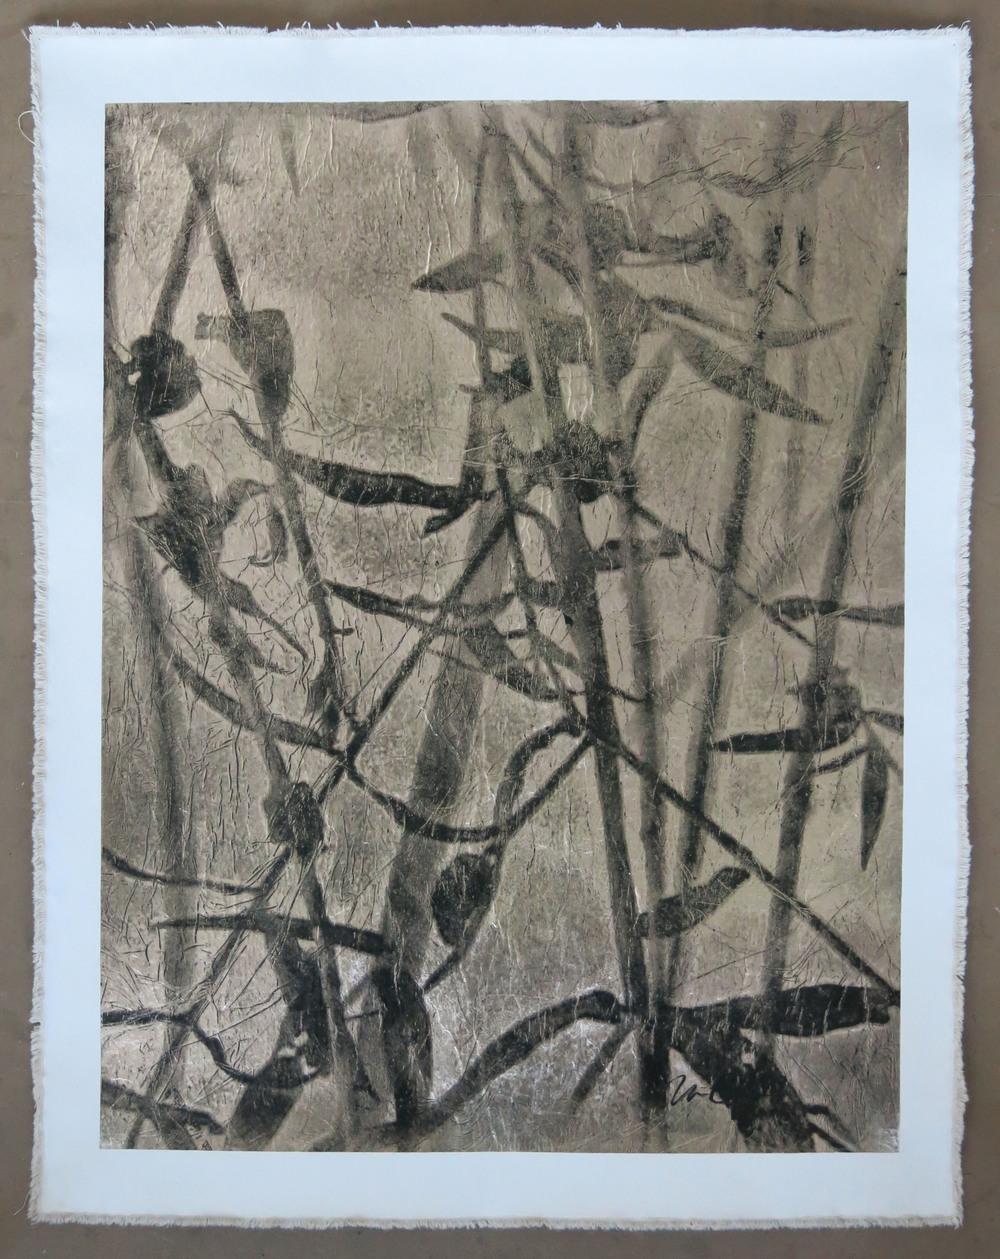 Hudson Reeds, Negative